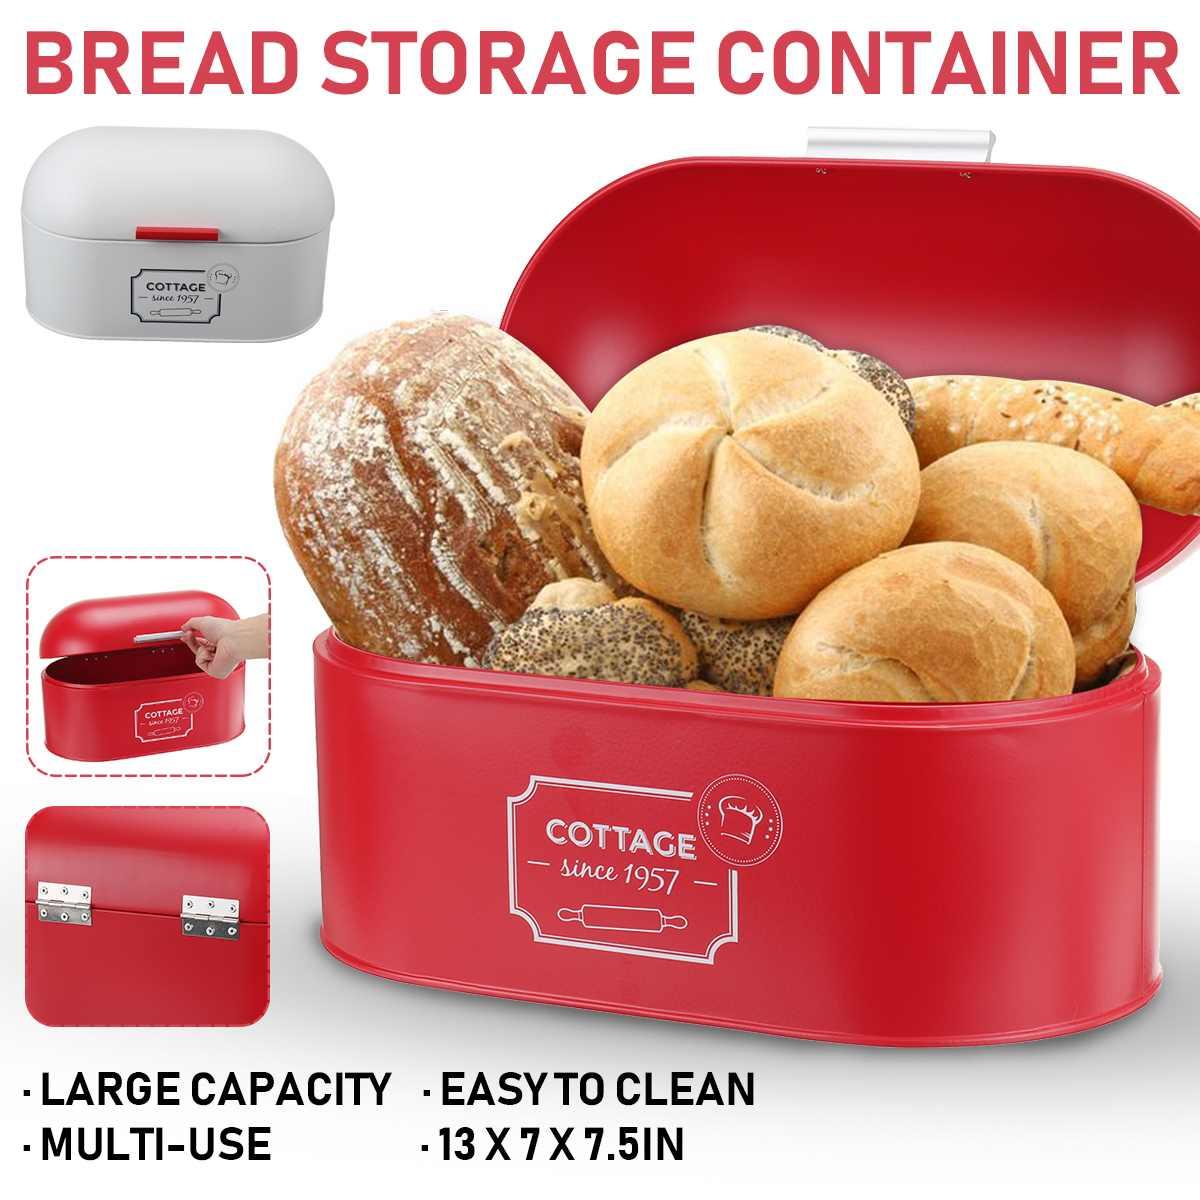 صندوق خبز الحديد المجلفن للمطبخ ، صندوق تخزين الخبز ، حامل تخزين الخبز الخبز ، 340x195x180mm